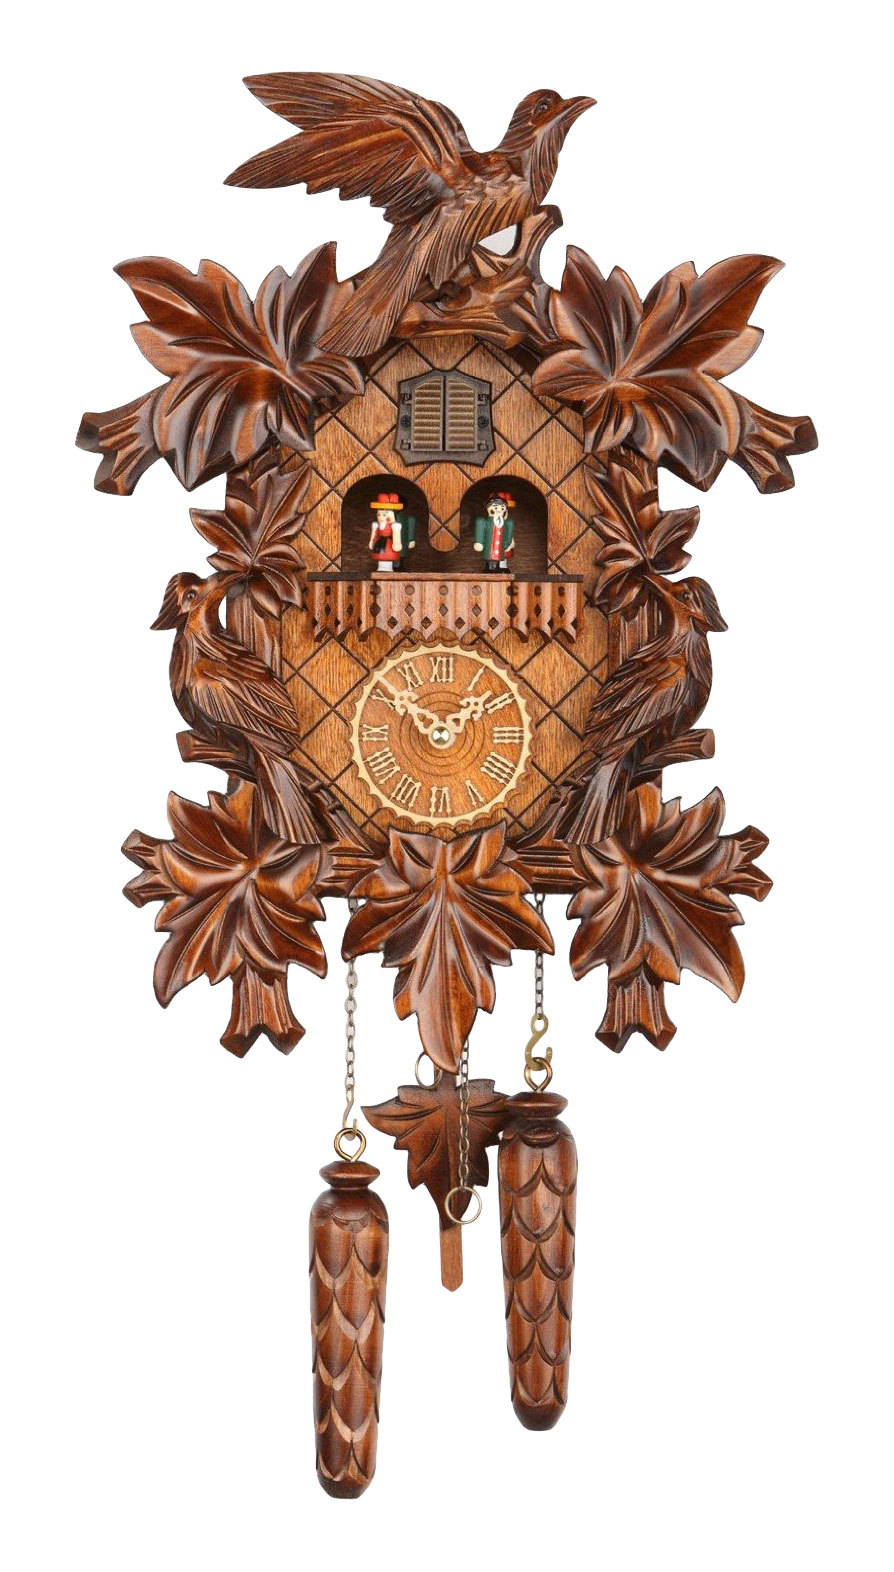 Часы настенные Часы настенные с кукушкой Trenkle 369 QMT HZZG chasy-nastennye-s-kukushkoy-trenkle-369-qmt-hzzg-germaniya.jpg